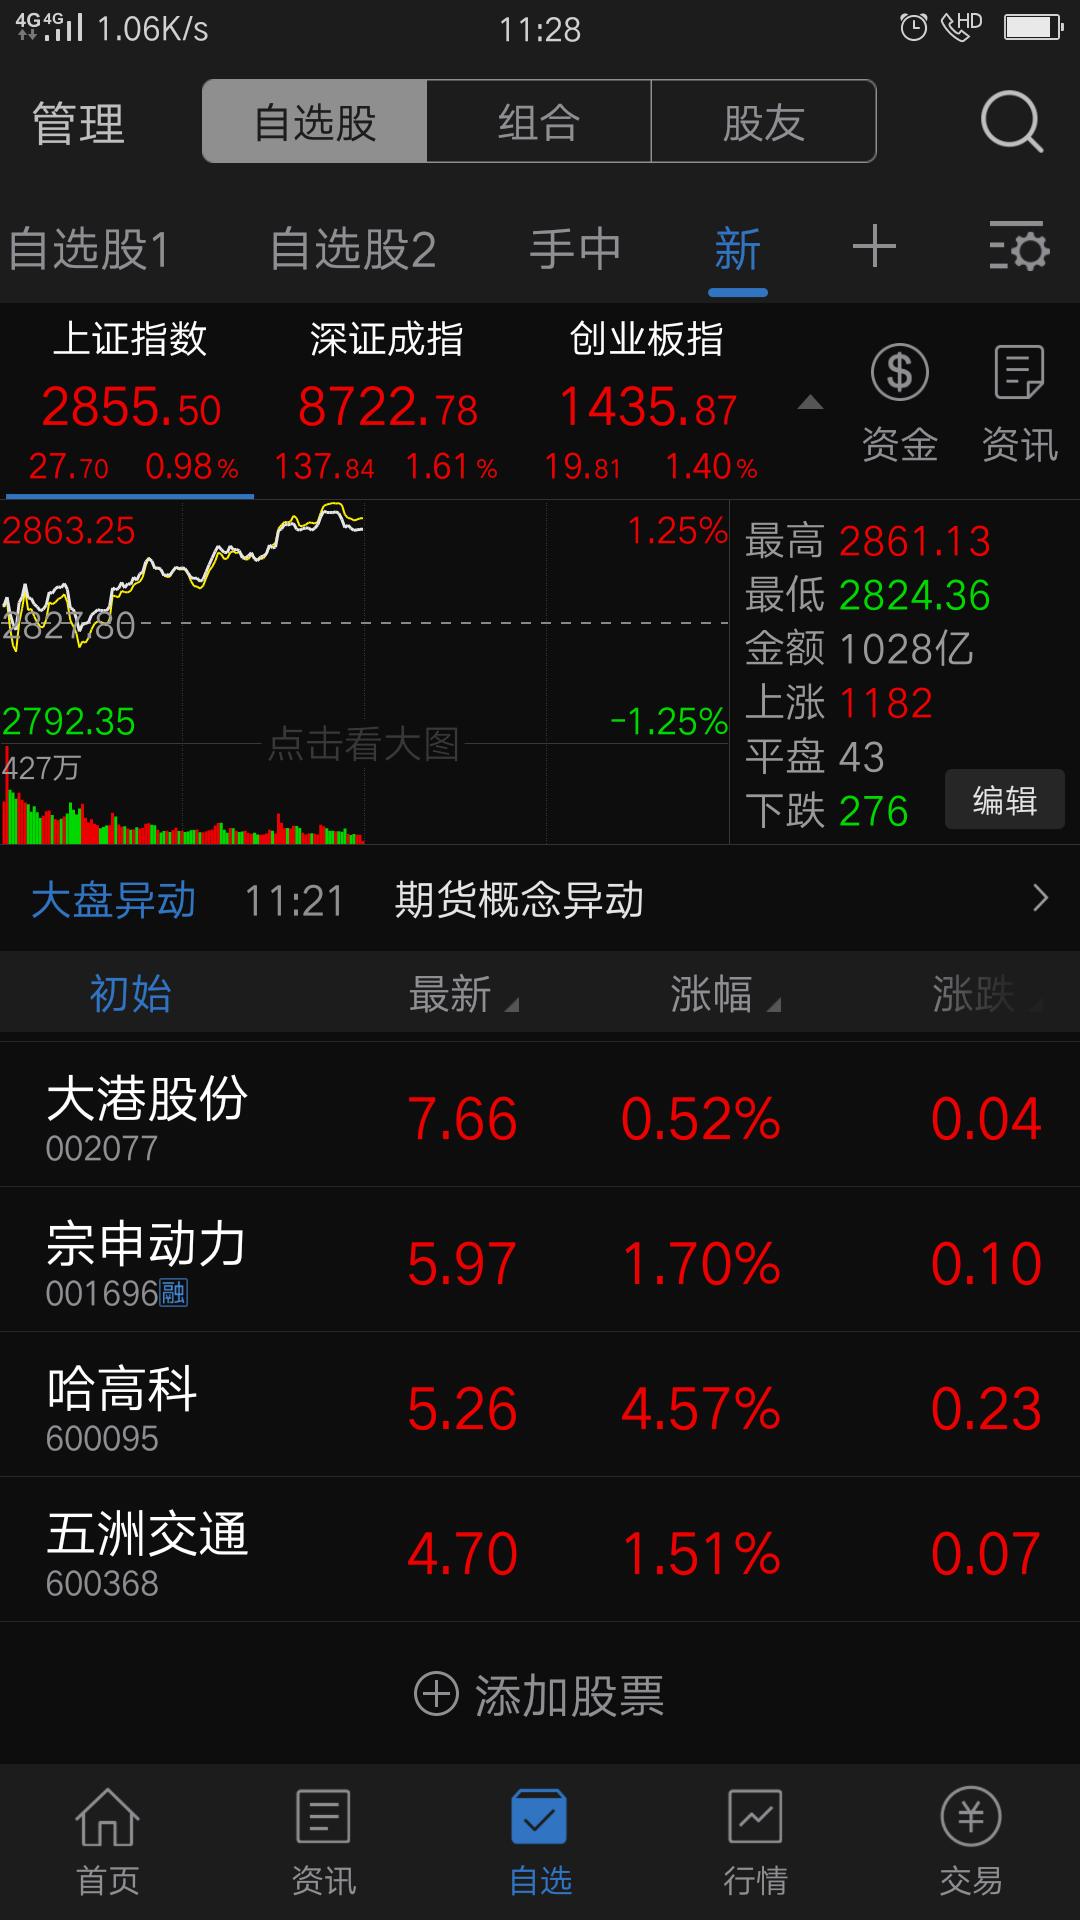 600225资金流向_天津松江(600225)股吧_东方财富网股吧